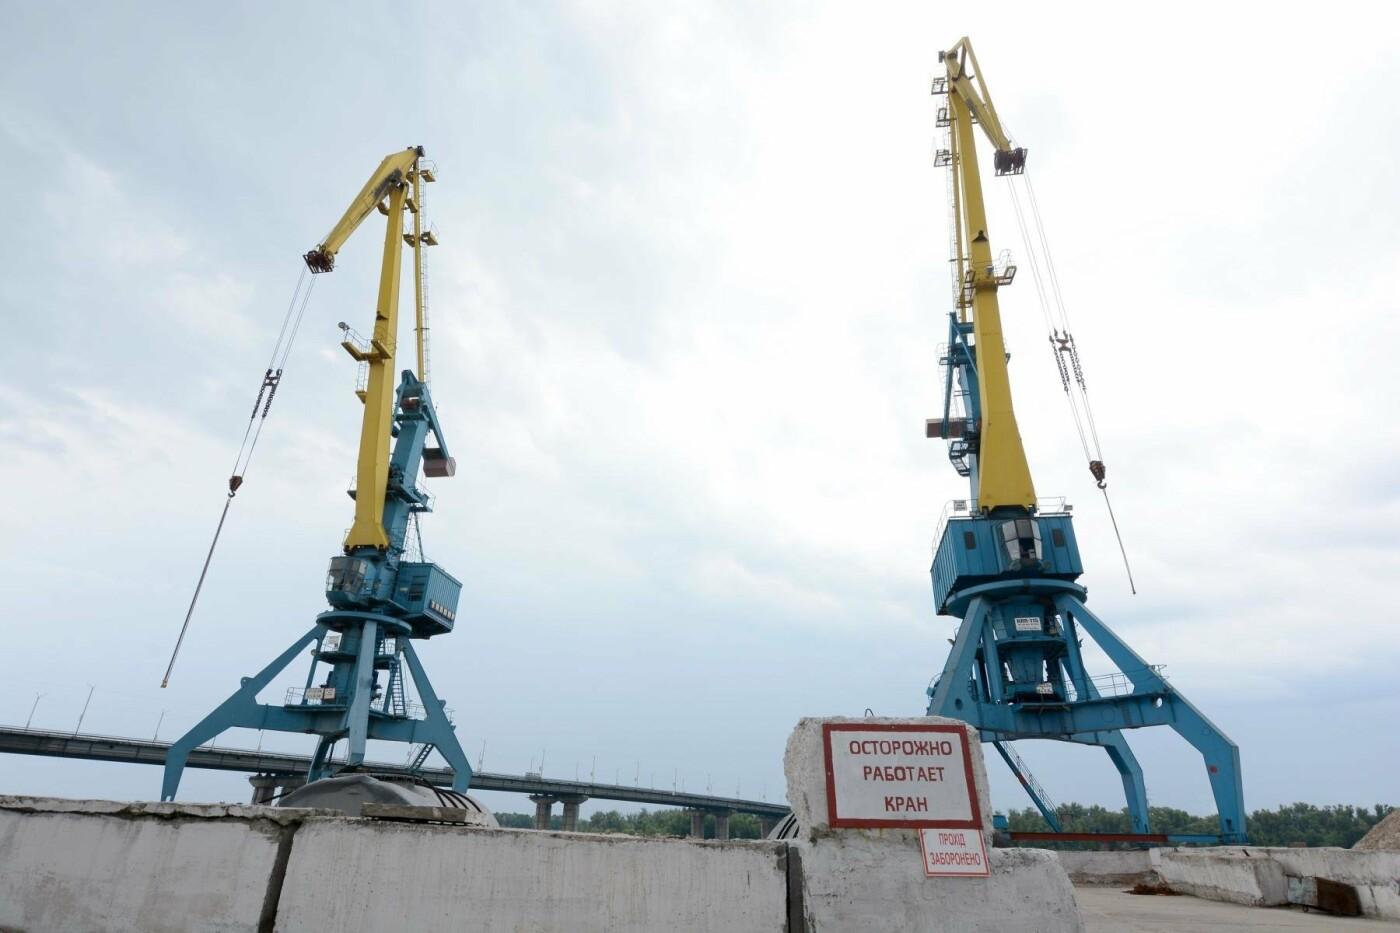 Рабочие места и судоходный транспорт: каменской речной порт возобновляет работу, фото-2